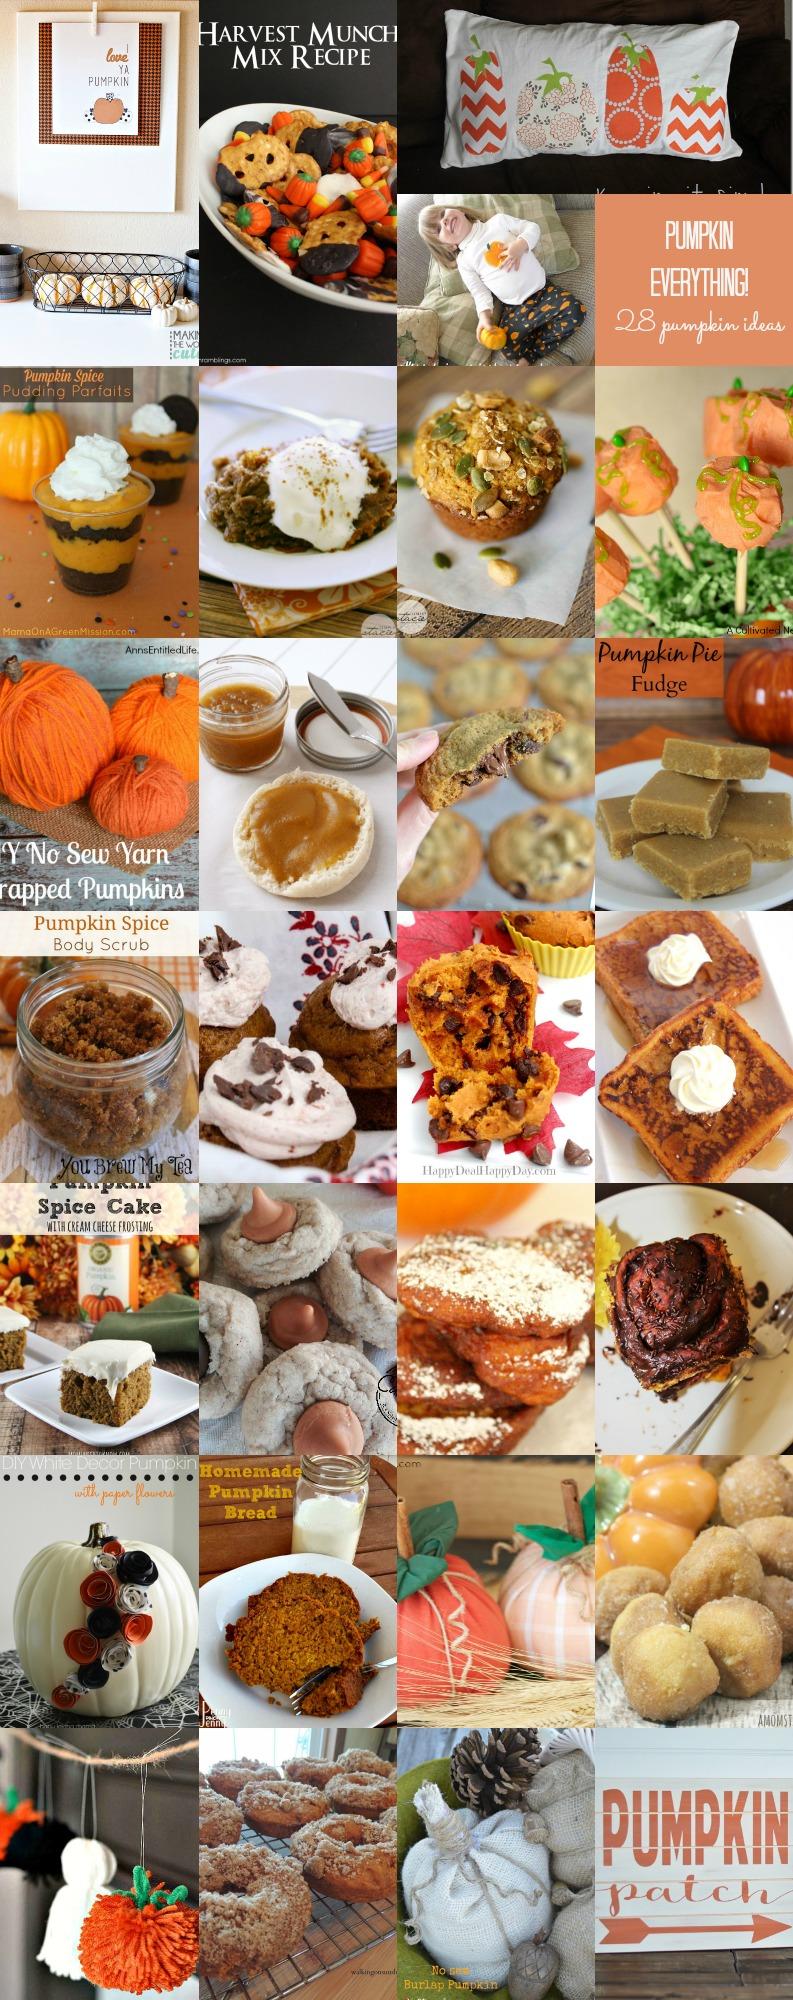 Pumpkin Everything! 28 Pumpkin Ideas, crafts and recipes